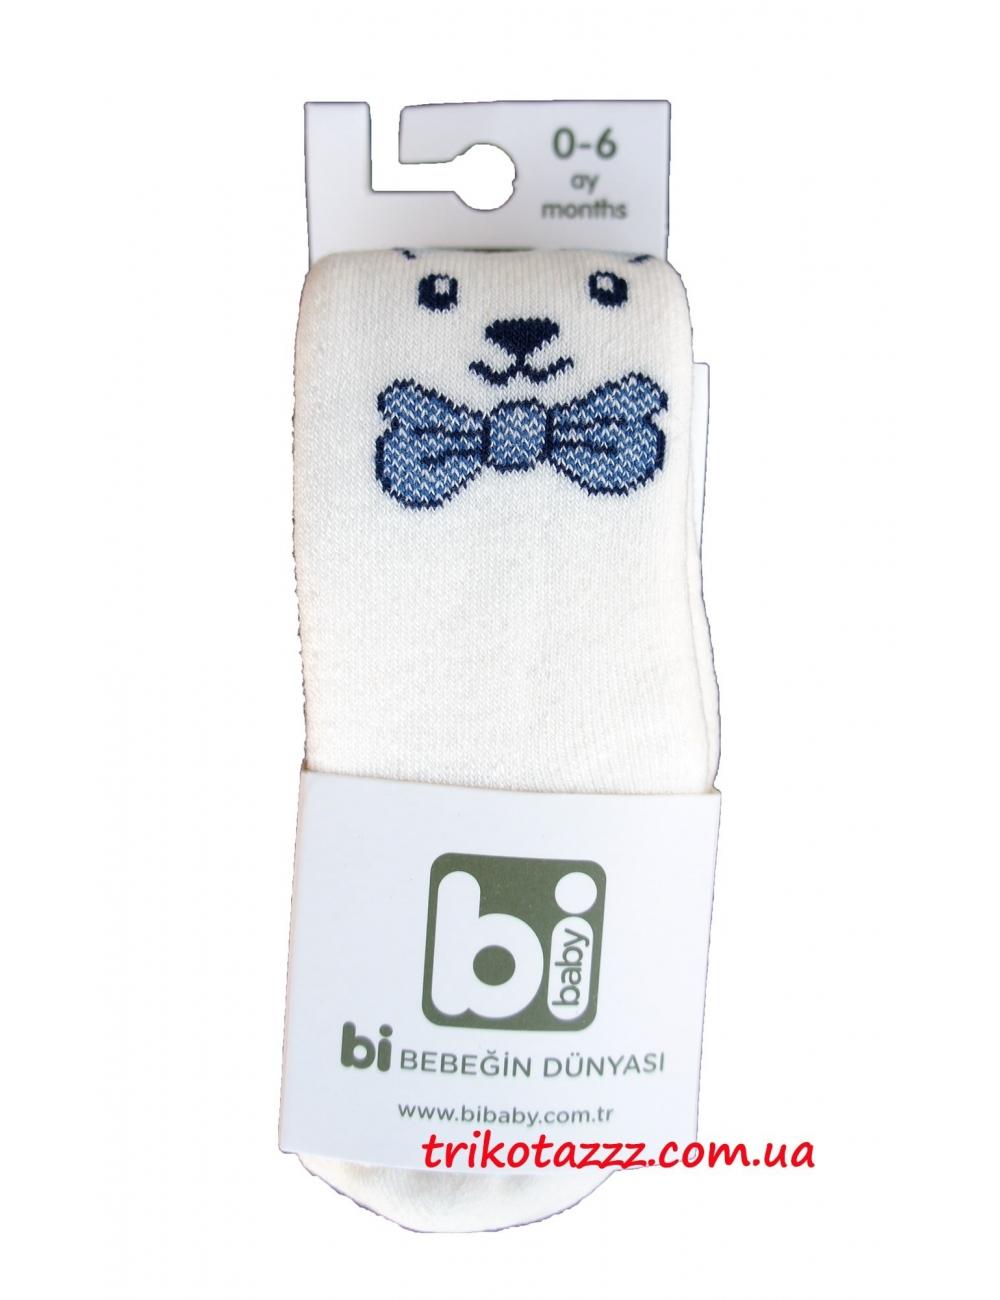 Детские махровые колготки для мальчиков Bibaby мордочки молочные